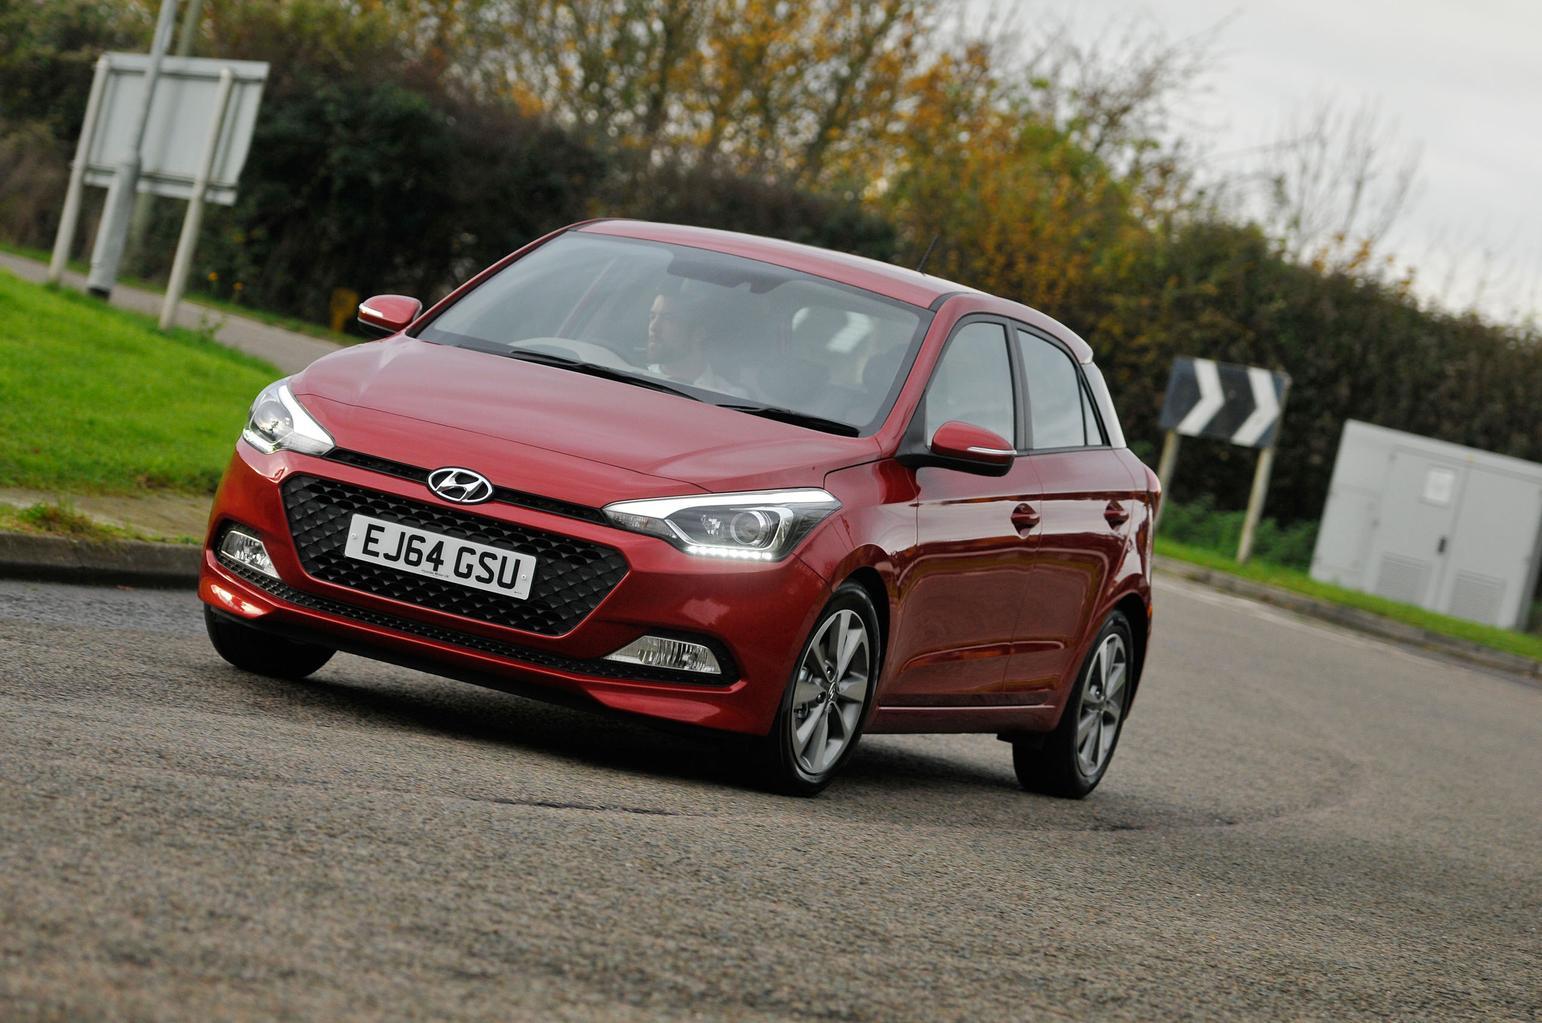 7 reasons to buy a Hyundai i20